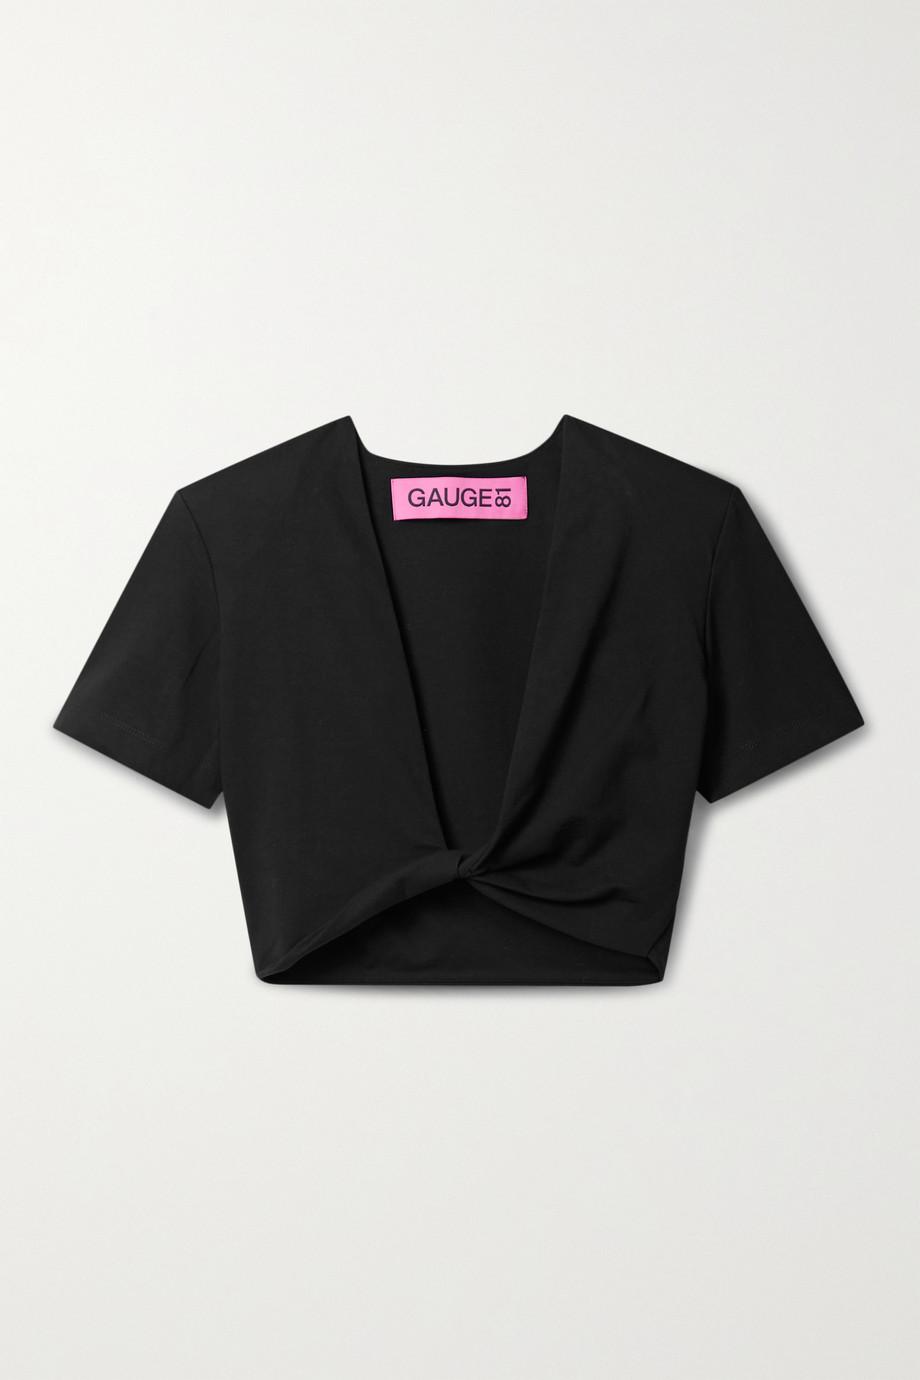 GAUGE81 T-shirt raccourci torsadé sur le devant en jersey de coton Keila